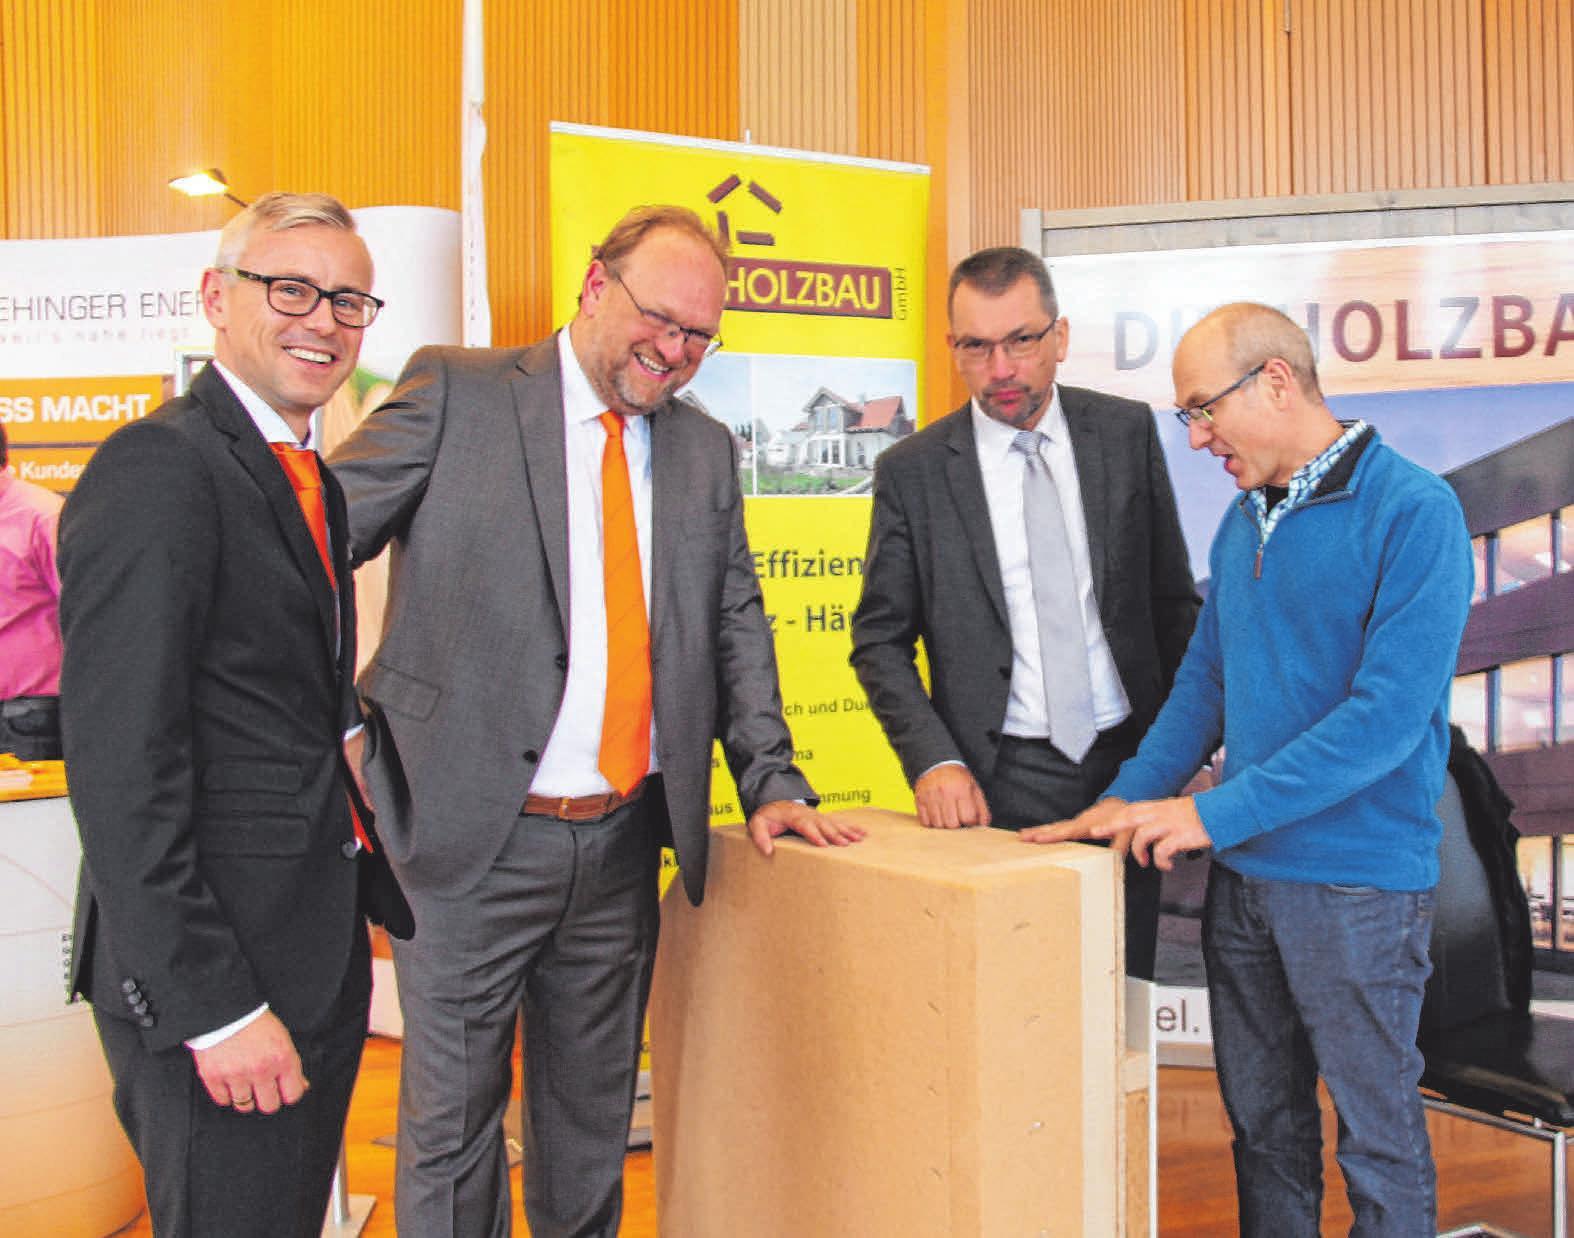 Wie viele andere Besucher, haben sich OB Alexander Baumann sowie Jost Grimm und Thomas Freudenreich von der Donau-Iller Bank jedes Jahre beim ImmobilienForum in der Ehinger Lindenhalle ausführlich über aktuelle Trends und Innovationen informiert.